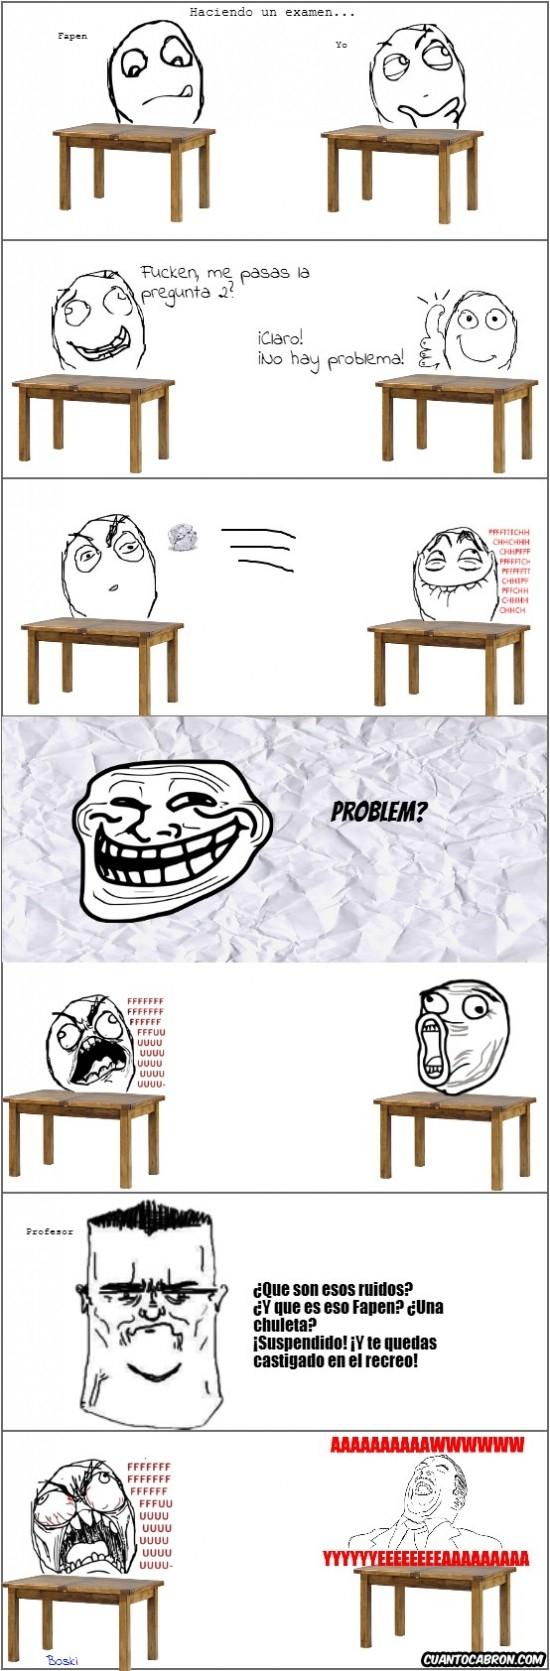 Trollface - Hay amigos a los que es mejor no preguntar nada en un examen